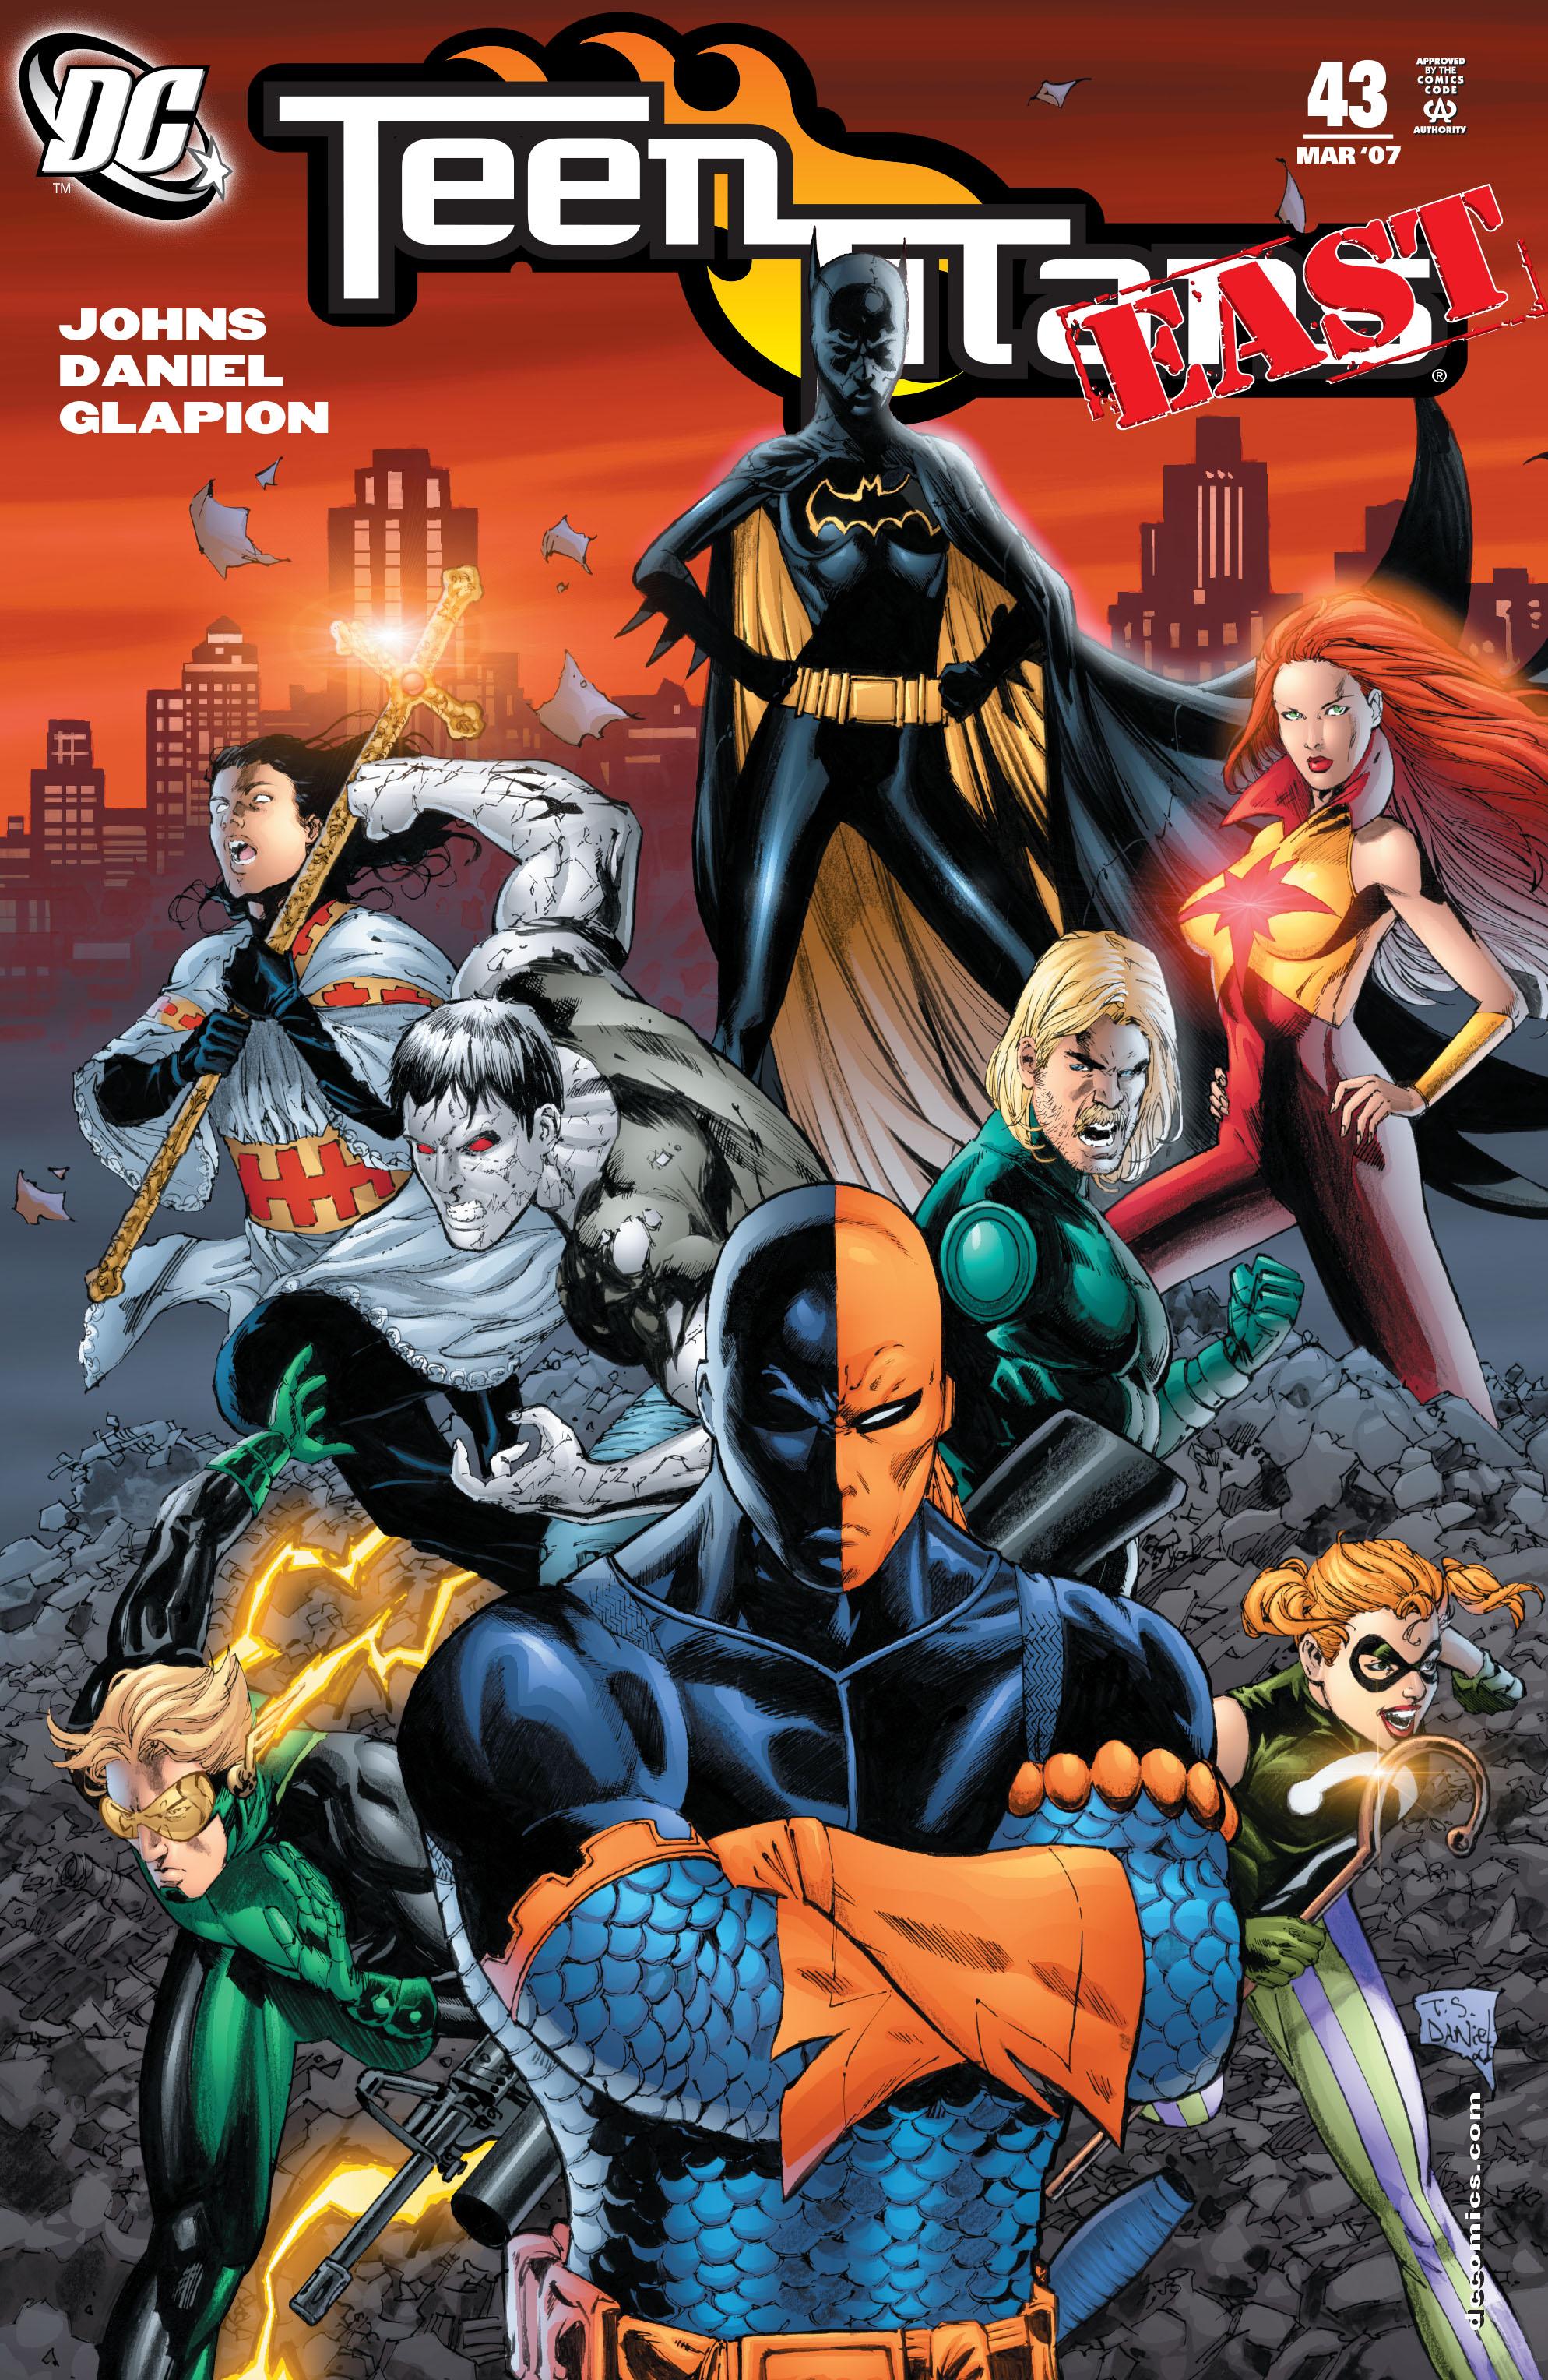 Teen Titans Go! Episode 43 Uncle Jokes | Watch cartoons online ...